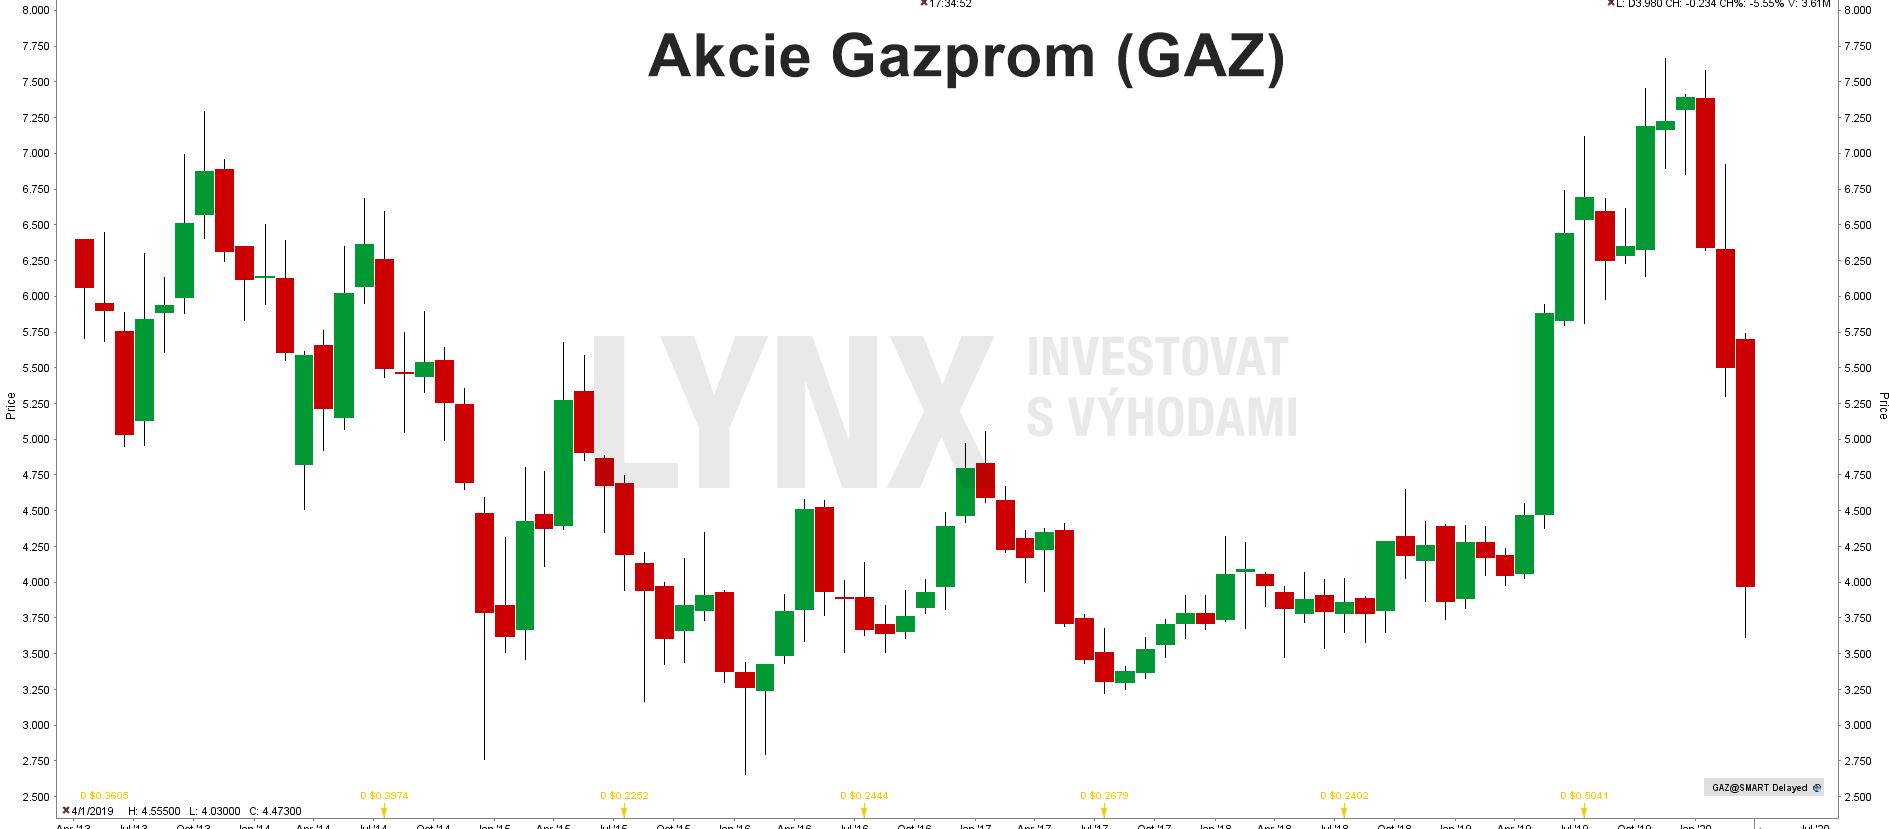 Akcie Gazprom (GAZ)